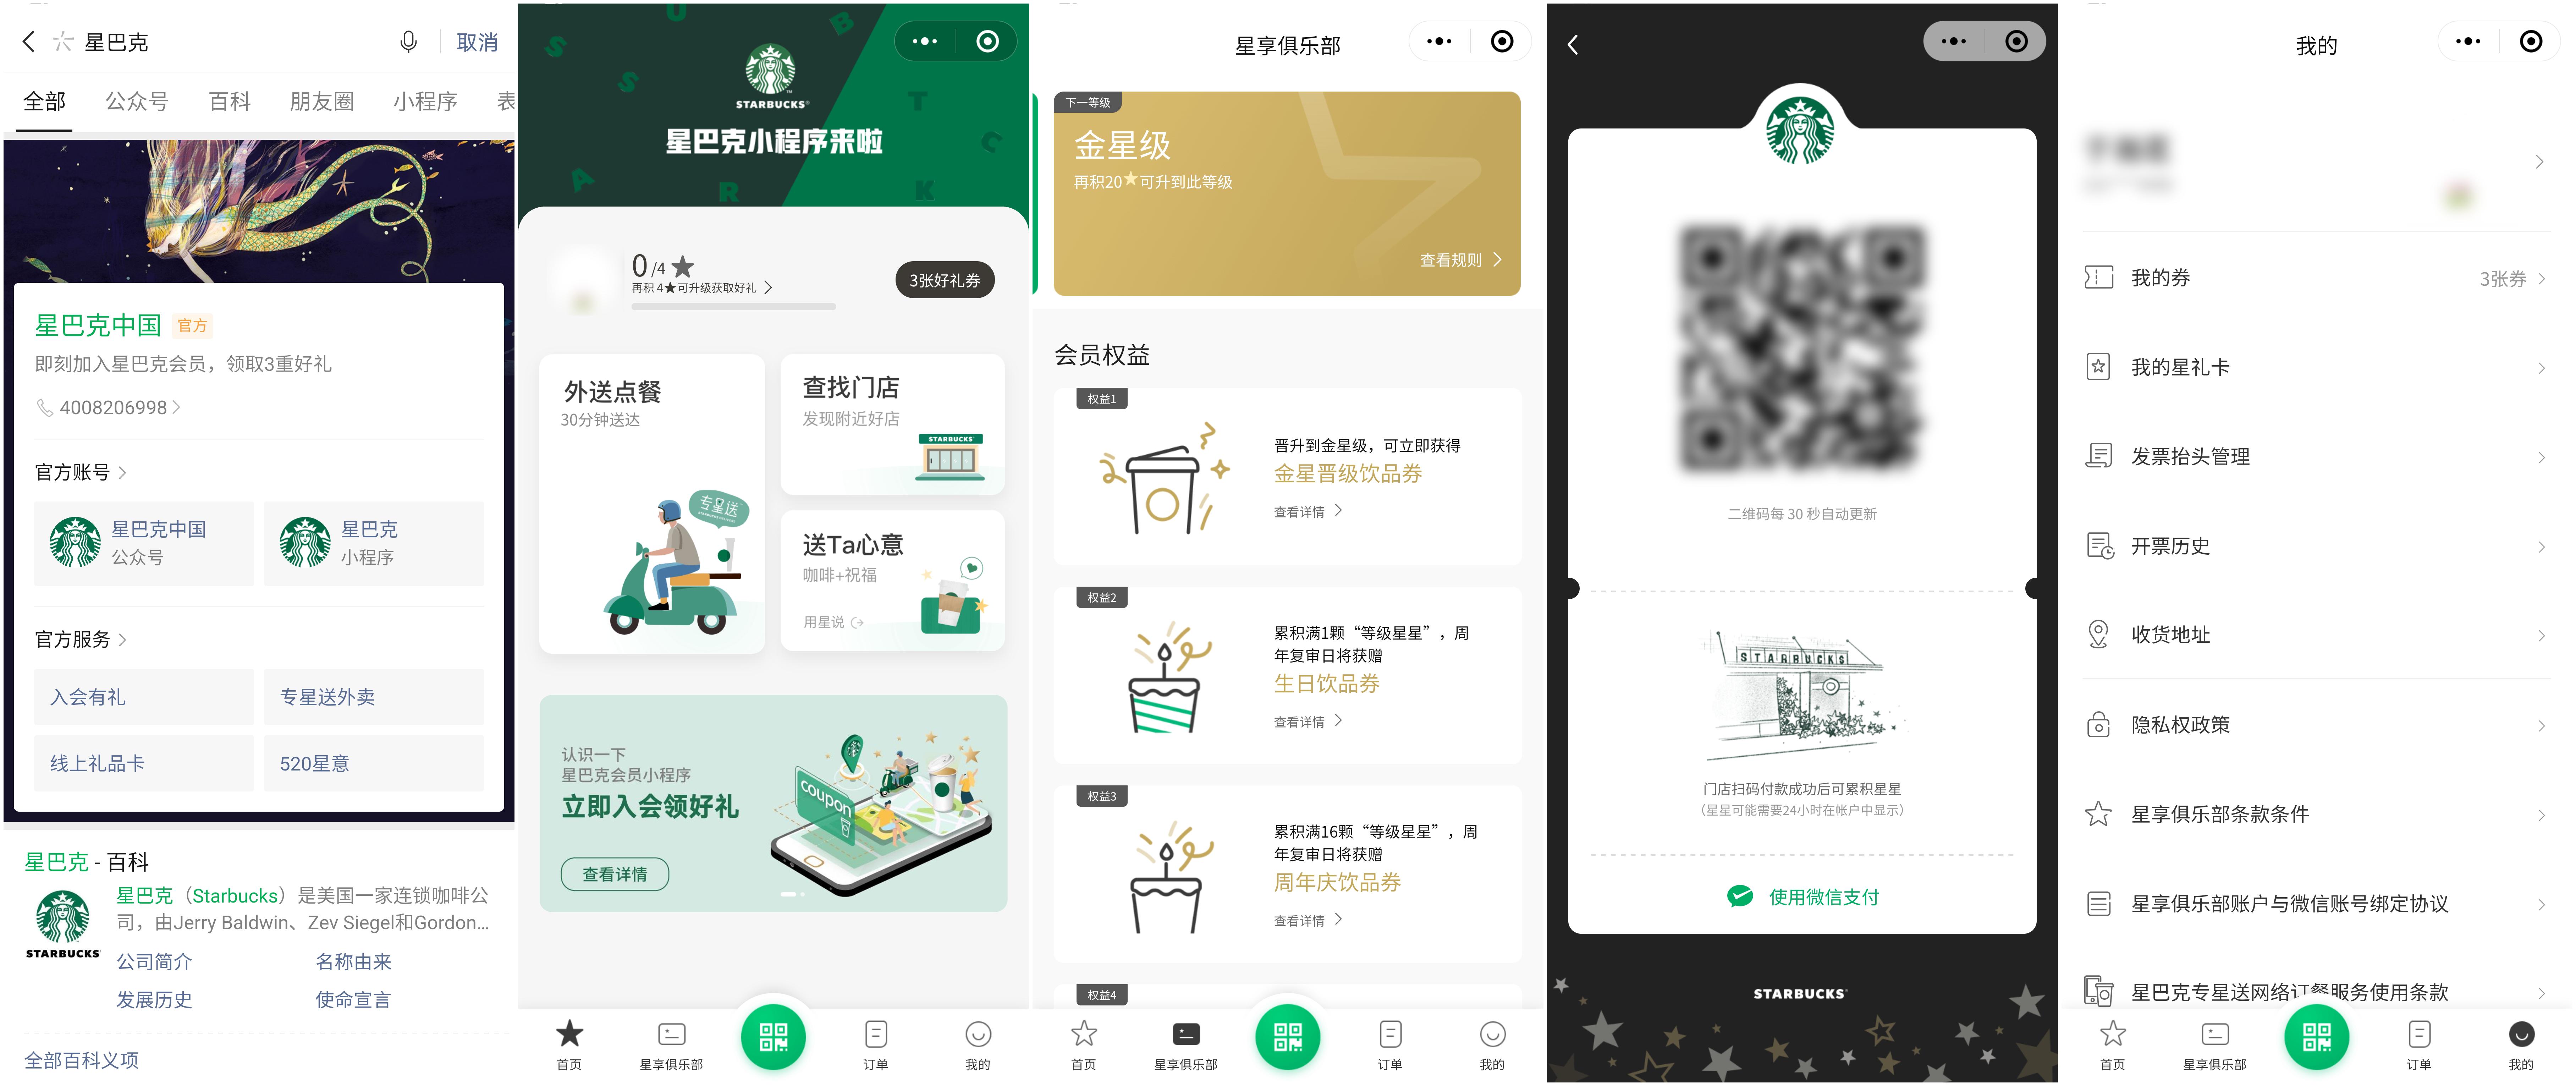 星巴克推出微信小程序,提供外卖点餐服务